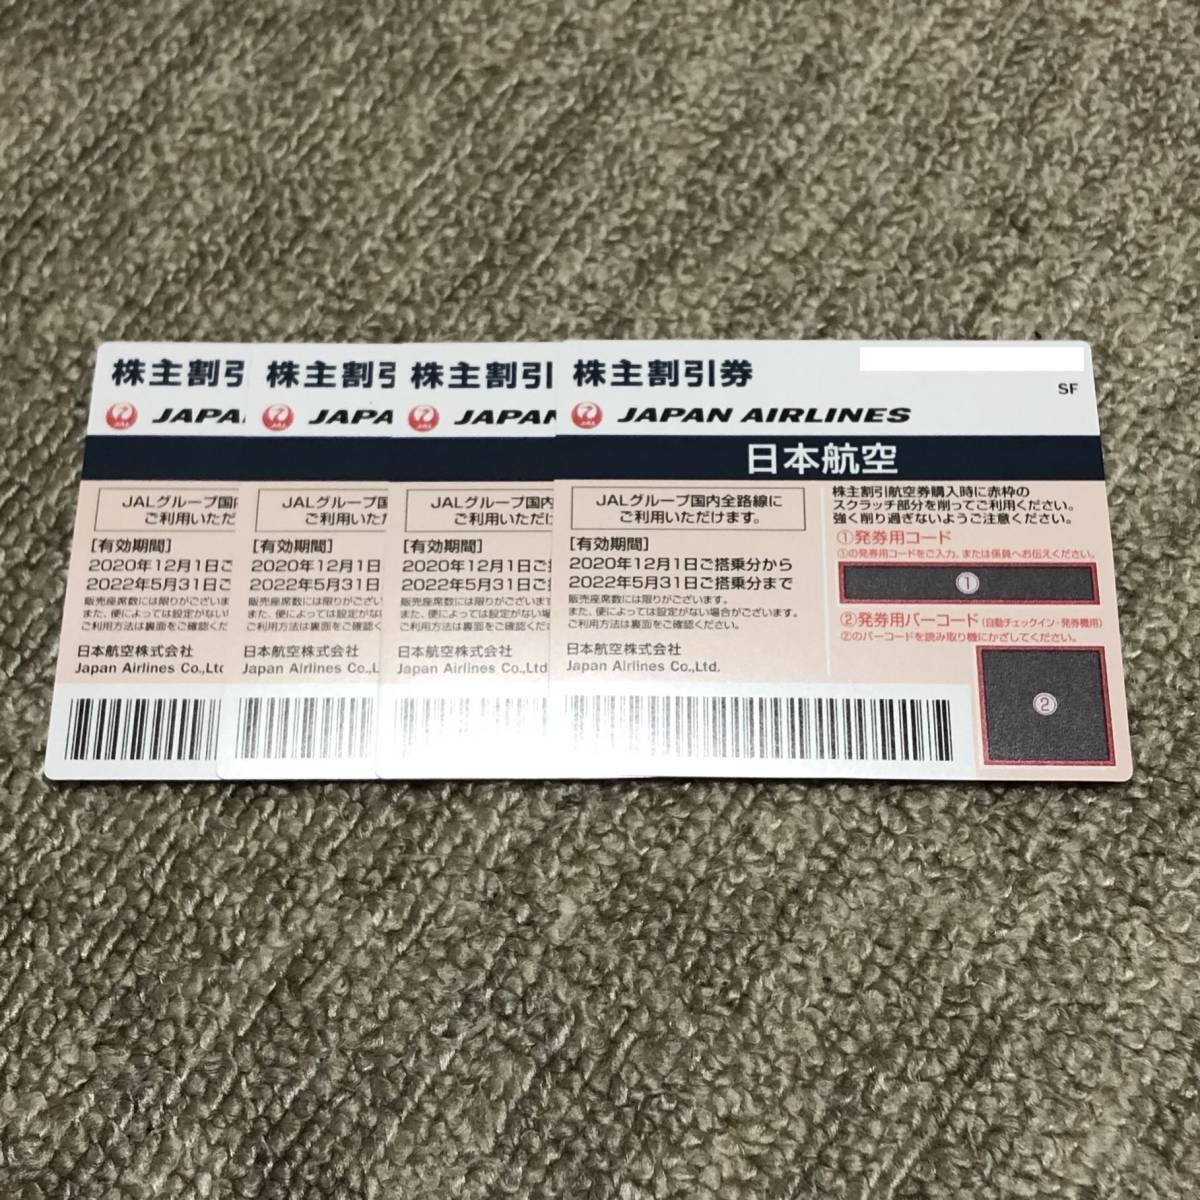 JAL 日本航空 株主優待 株主割引券 4枚 有効期限2022/5/31 送料無料_画像1